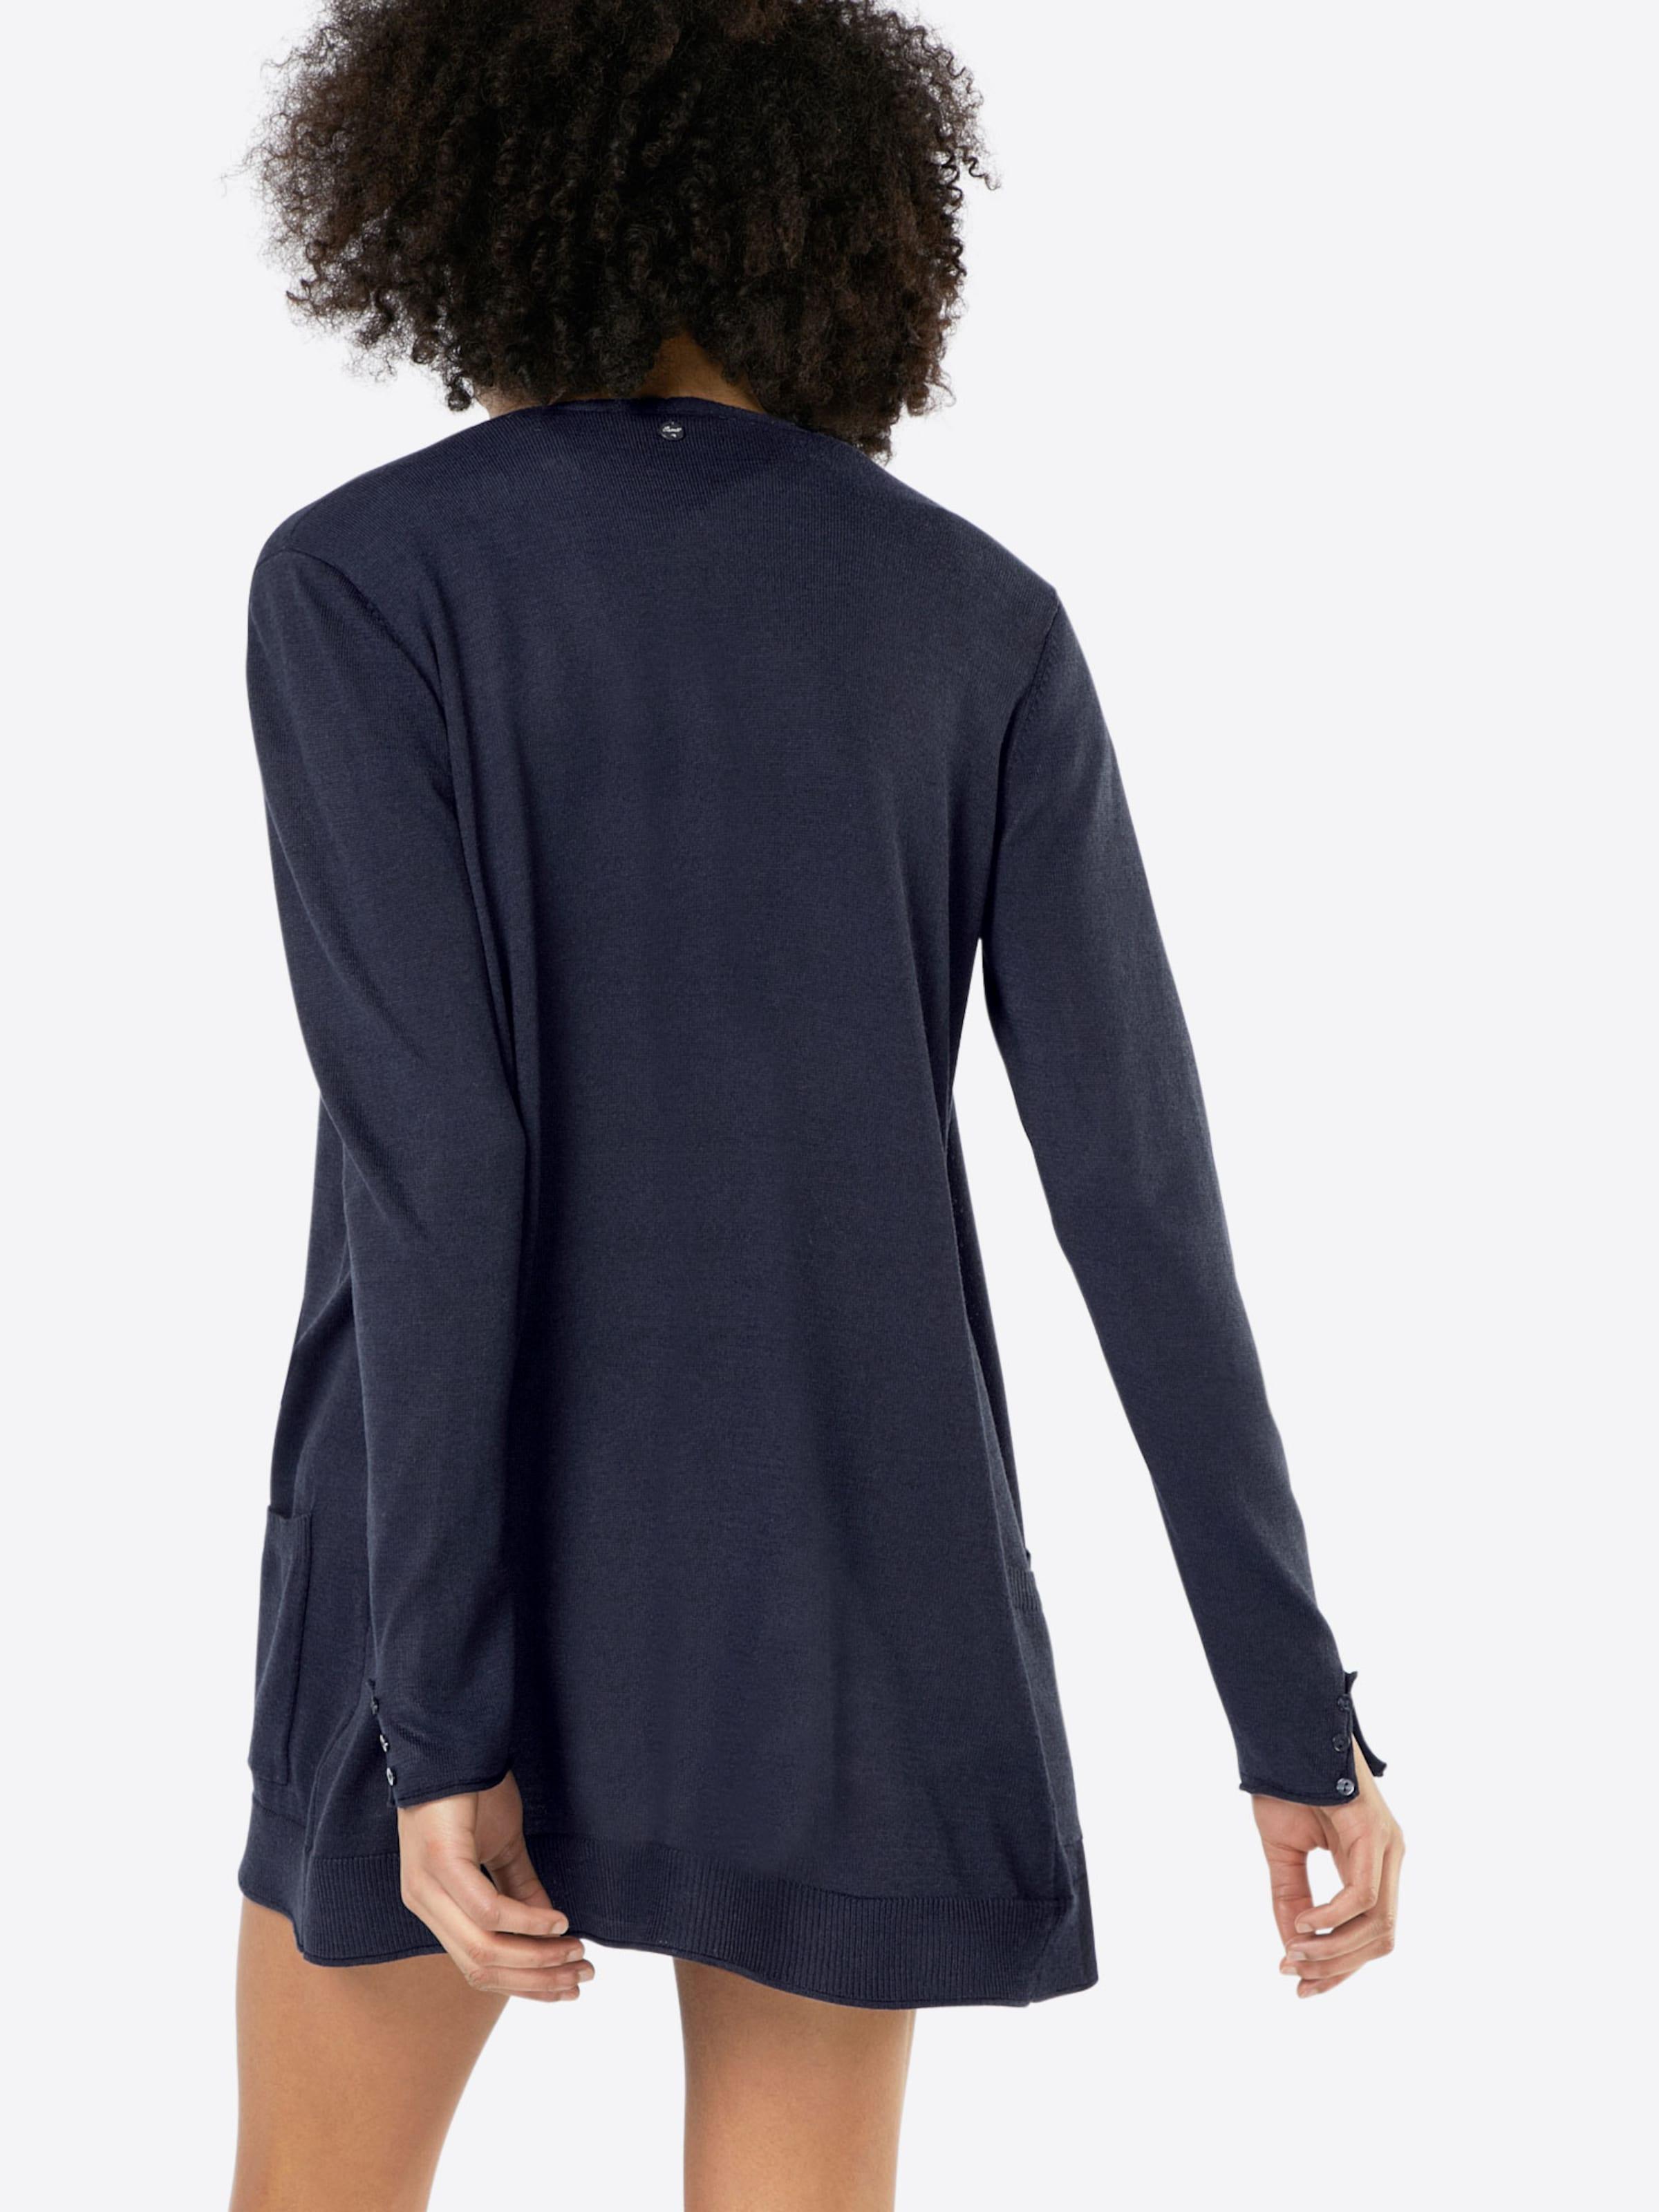 Günstigsten Online ESPRIT Long Cardigan Limited Edition Günstiger Preis Preiswerter Preis Fabrikverkauf Rabatt-Spielraum Store Shopping-Spielraum Online 33QCM0